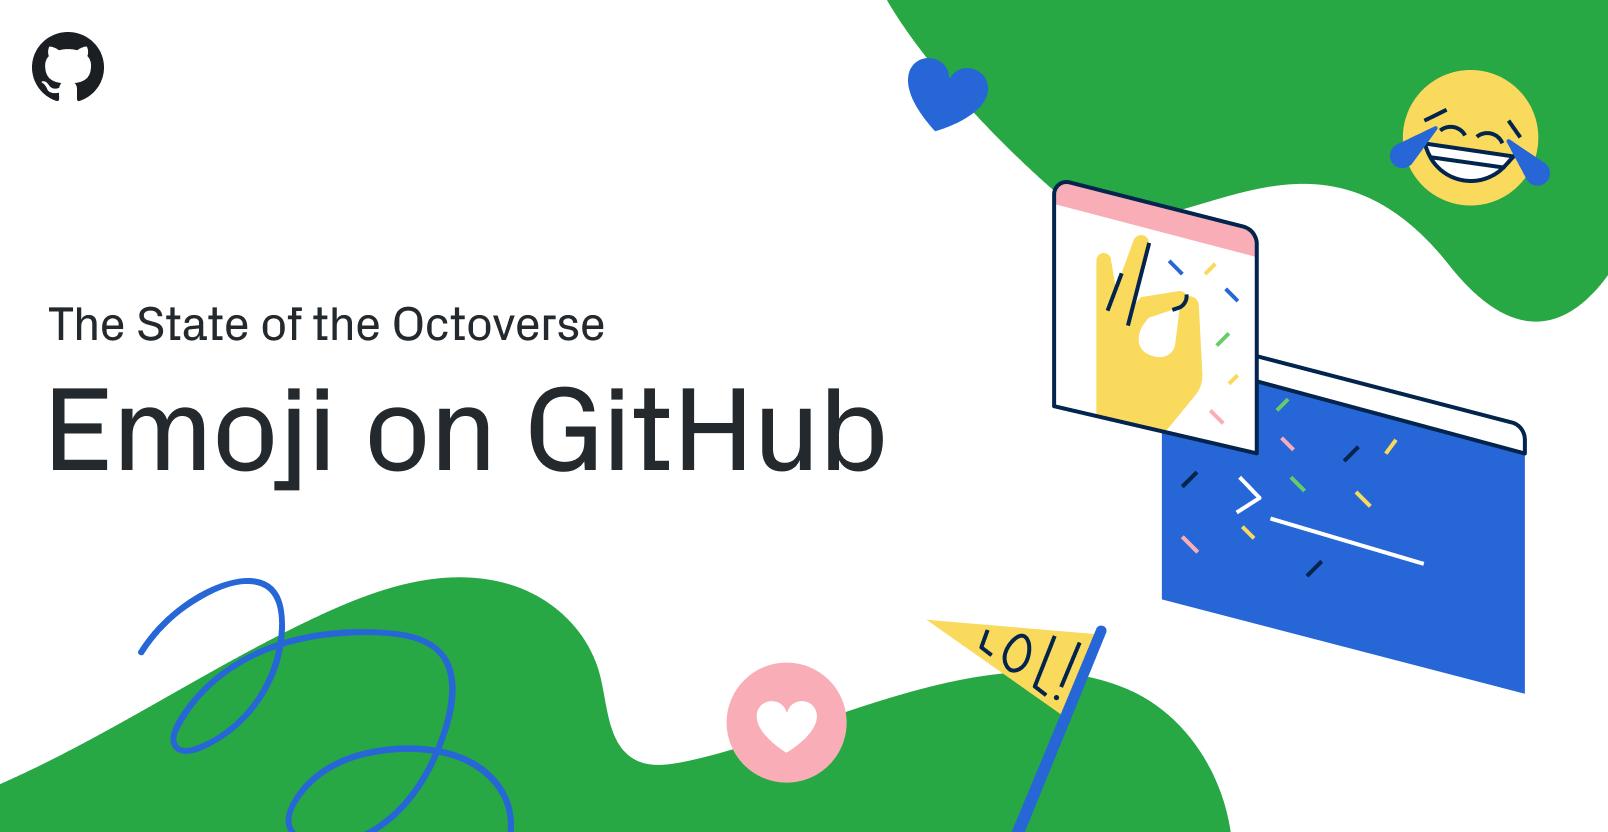 Emoji on GitHub